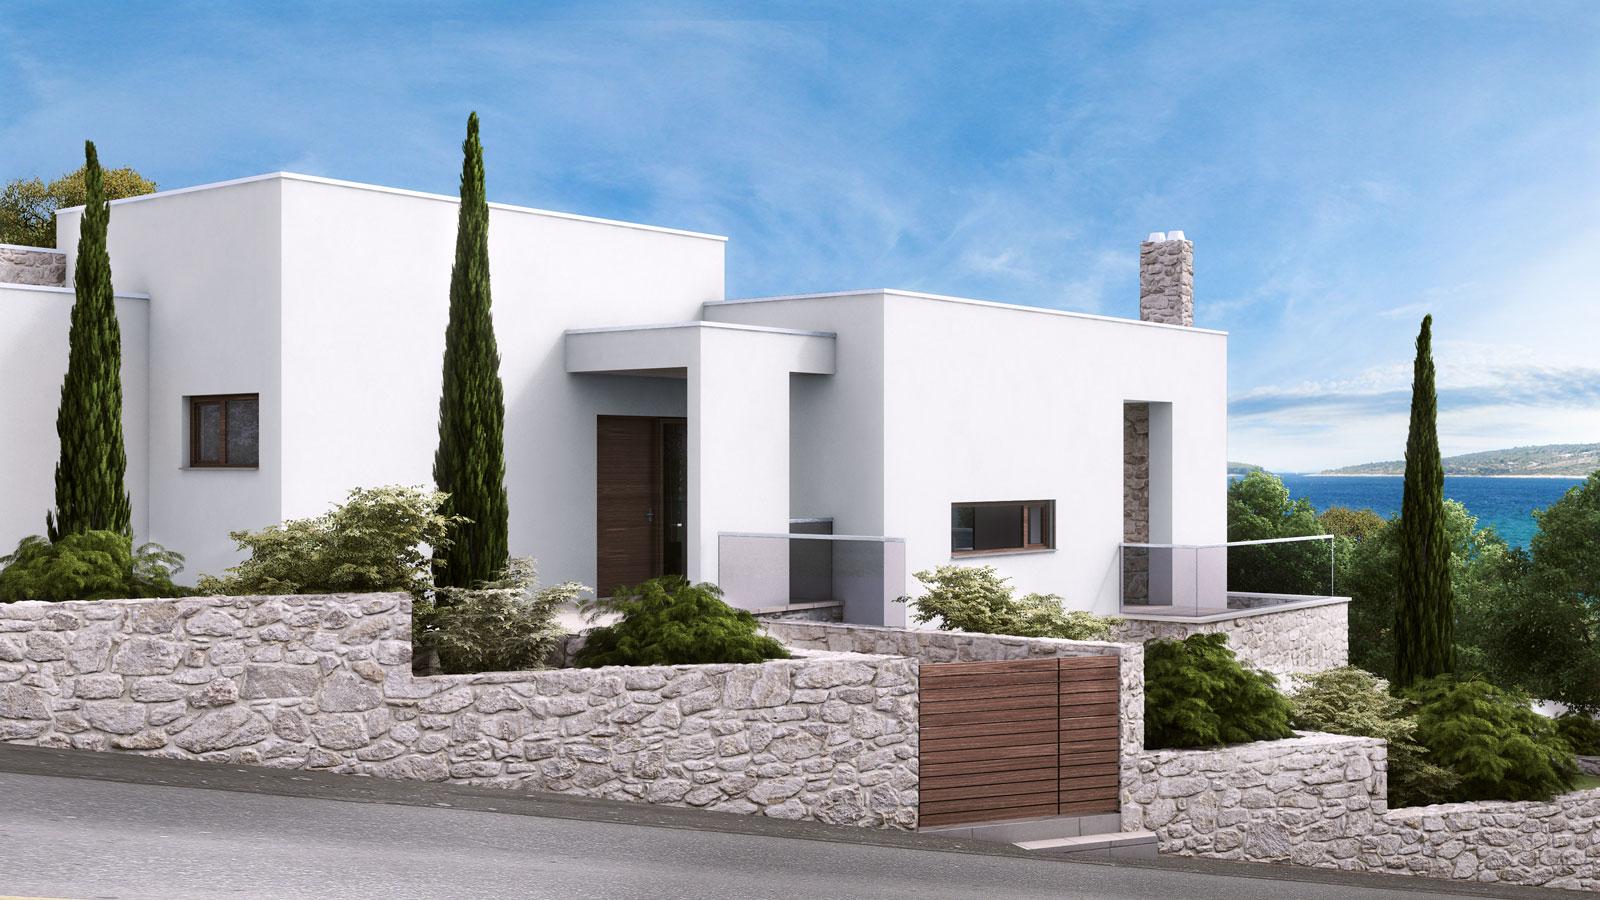 arhitekt na hrvaškem hiša projektiranje